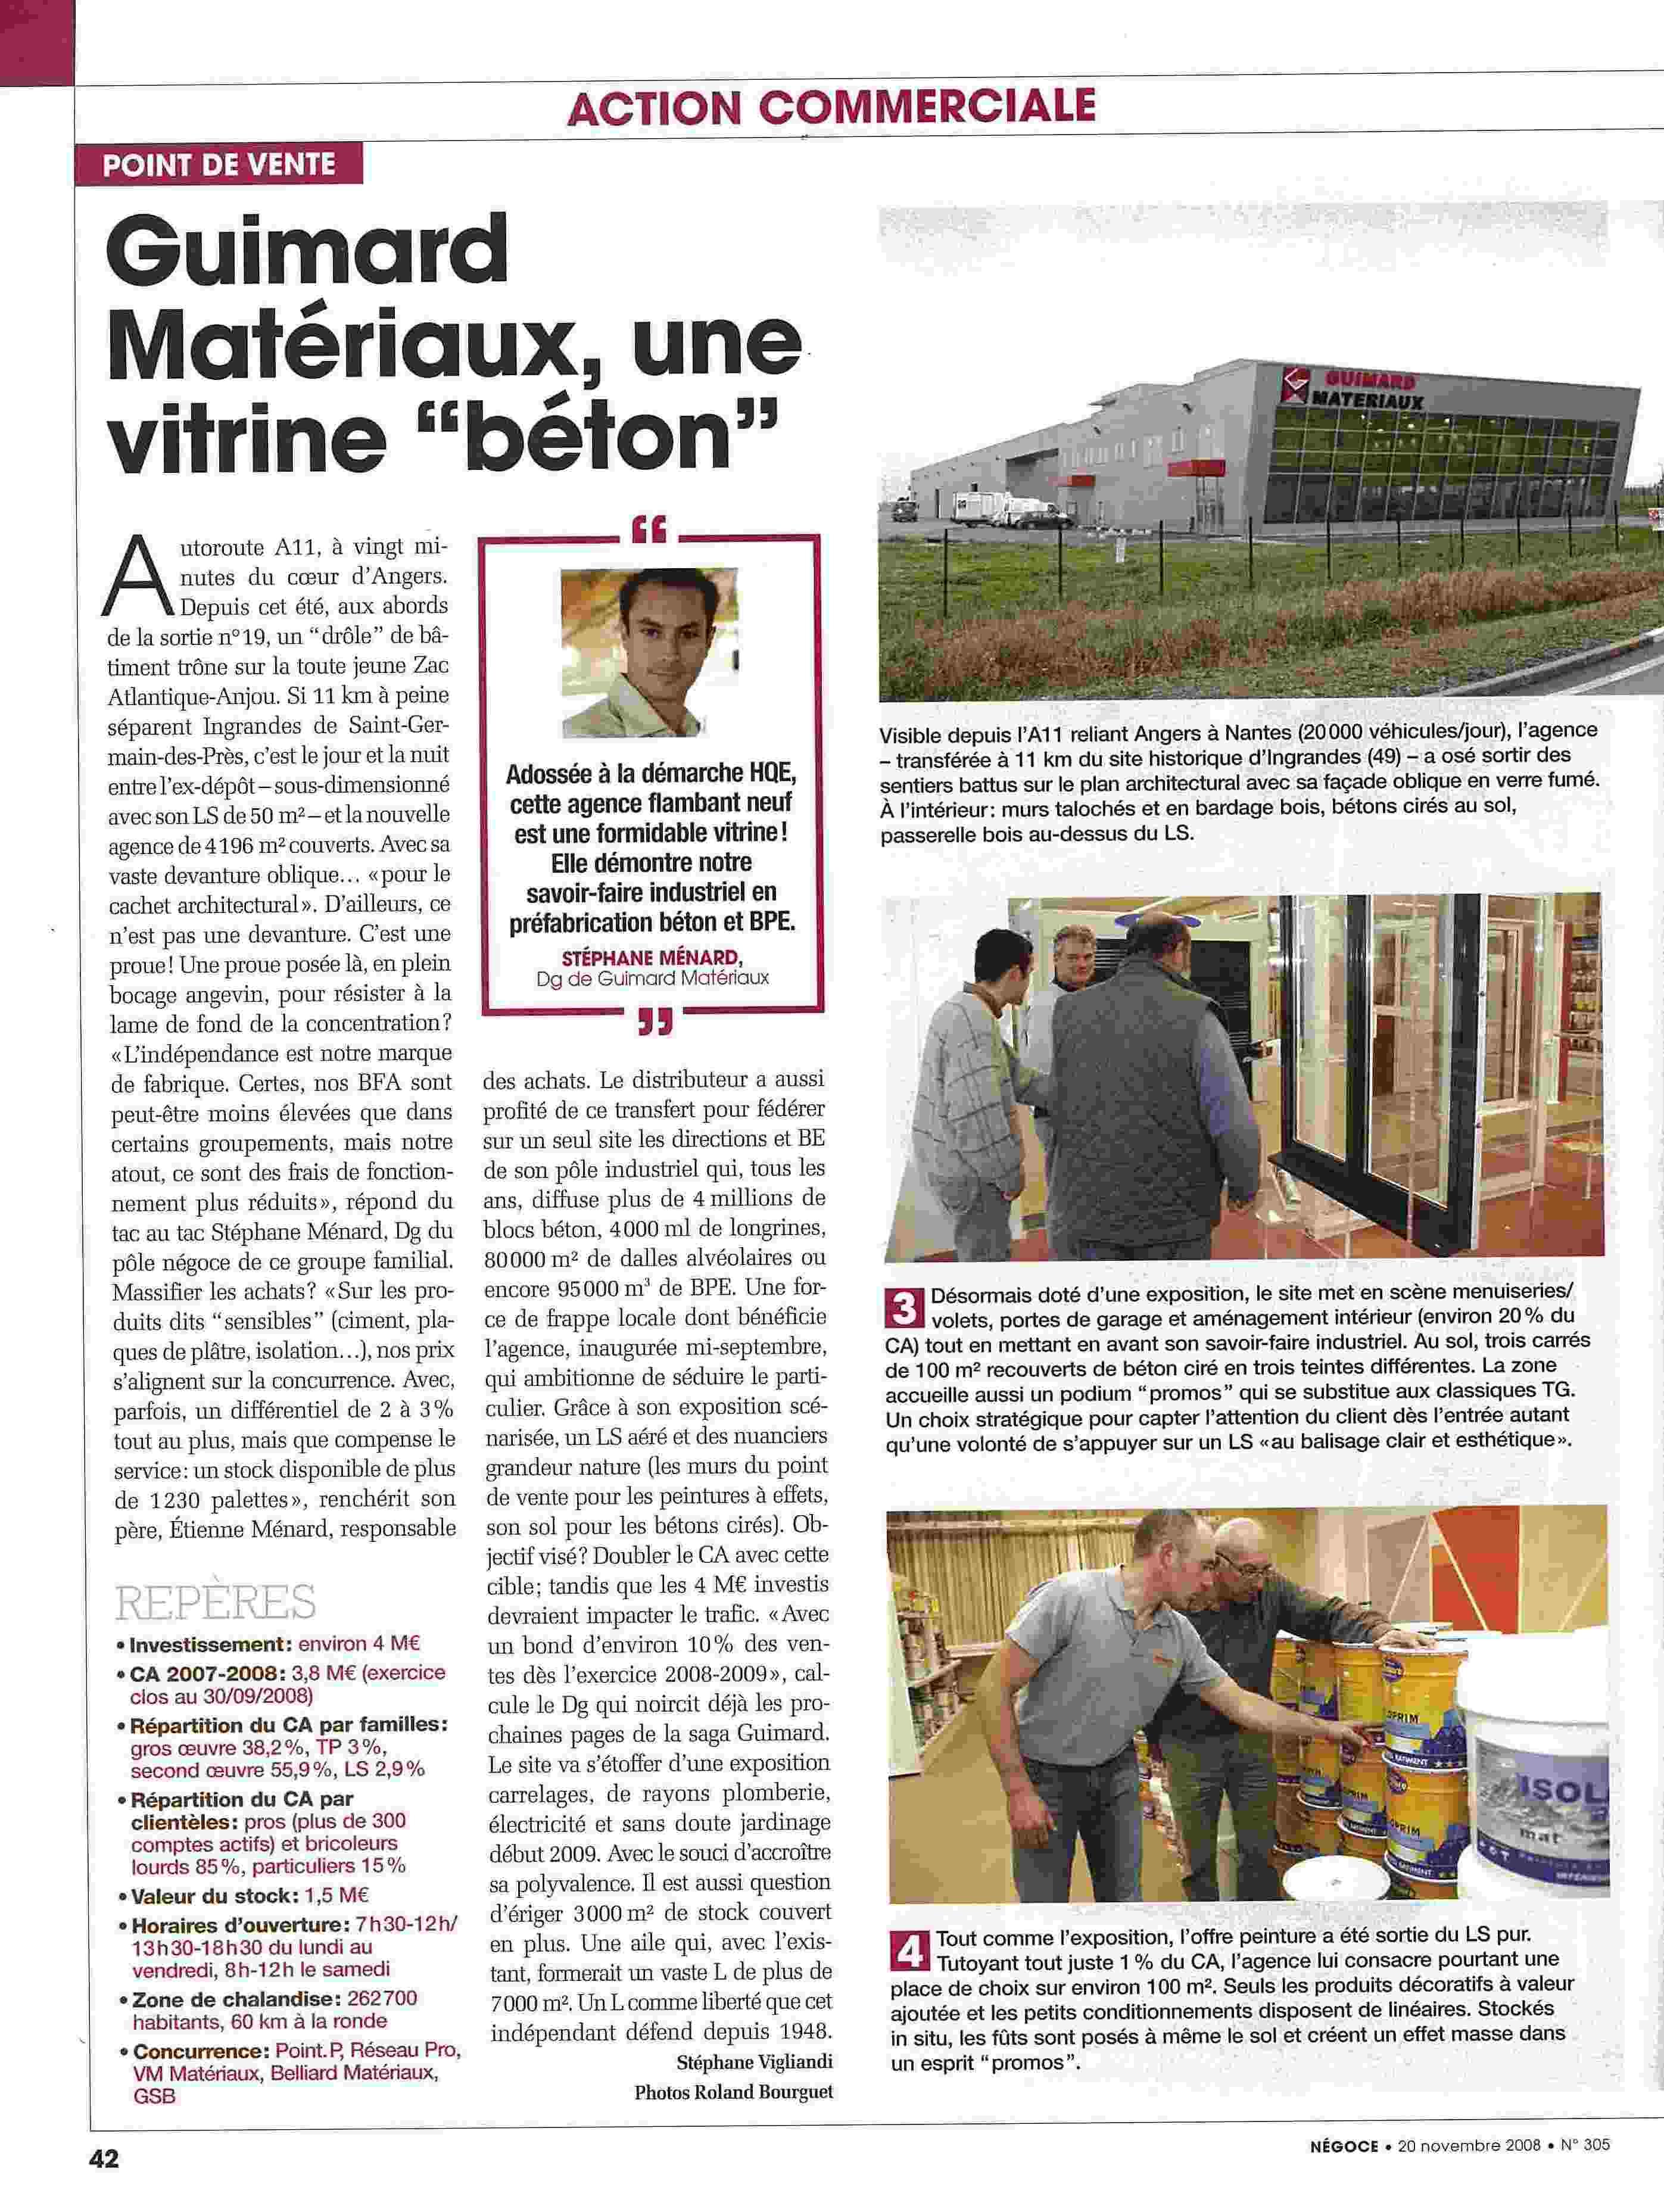 NEGOCE NOVEMBRE 2008 PAGE 1